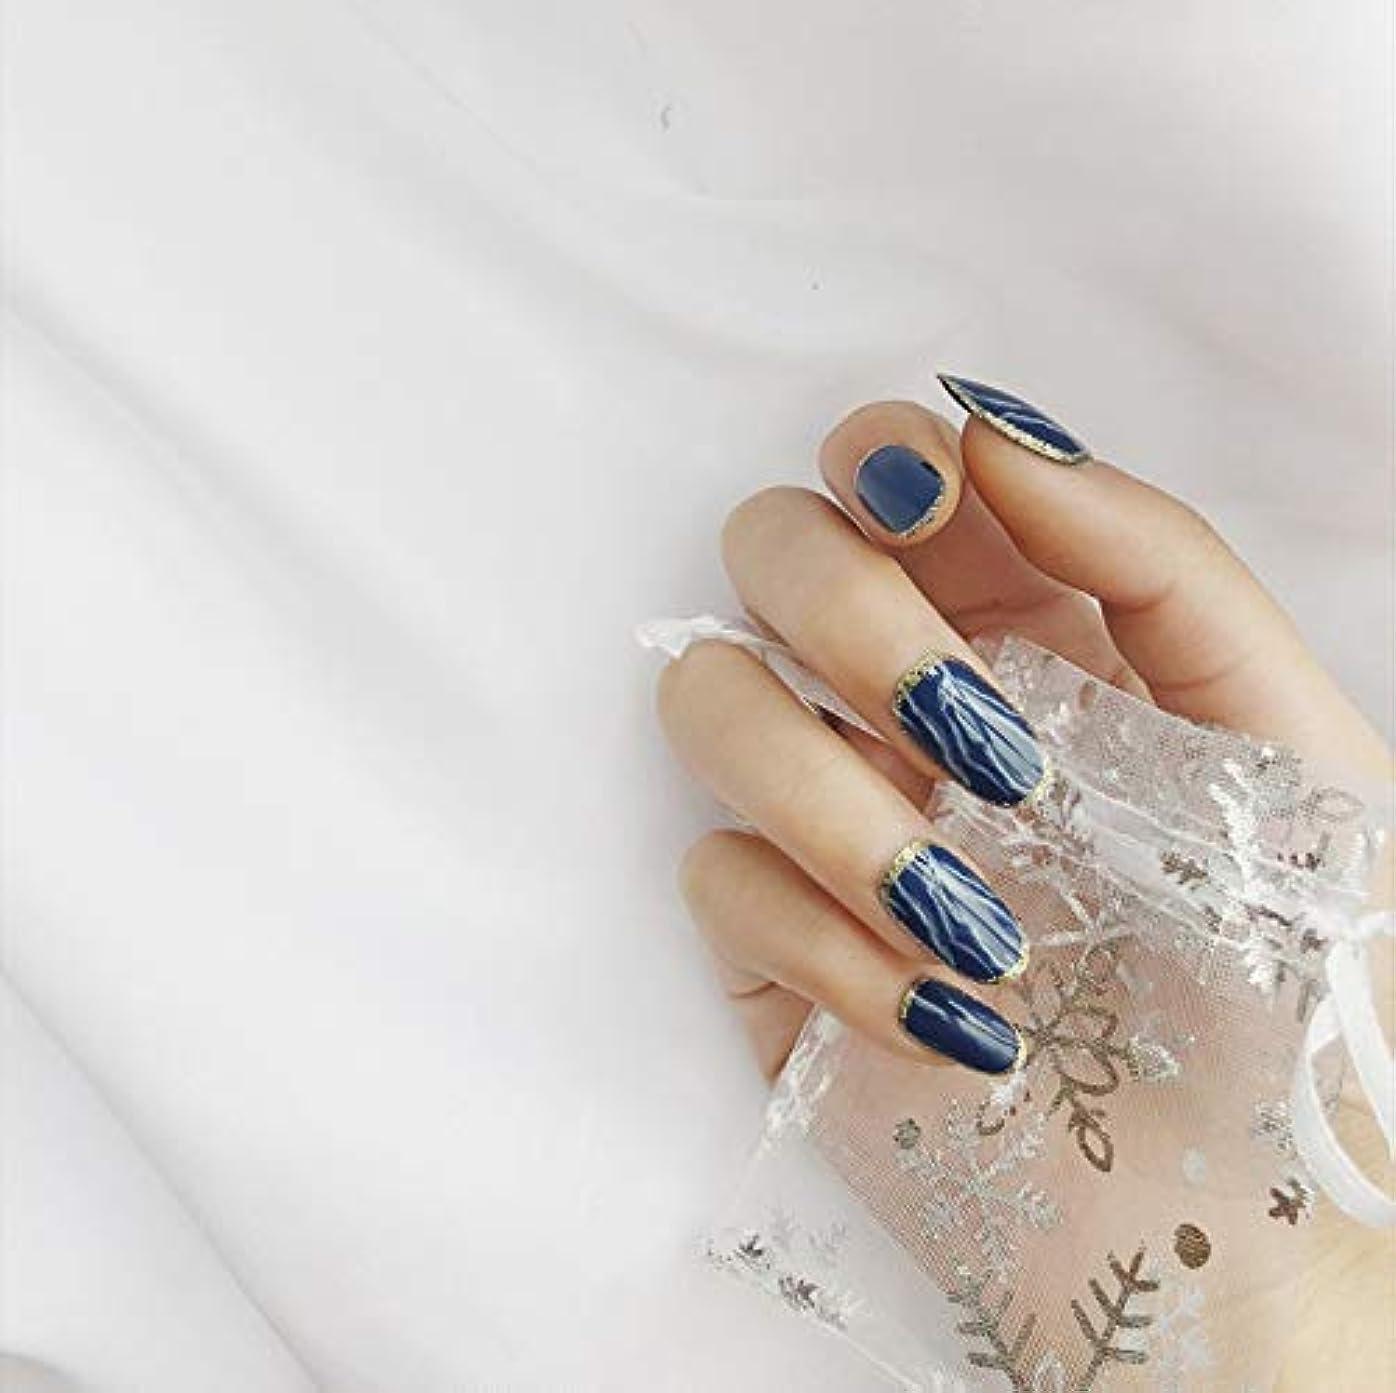 ピル雄弁な地図HALEY HOME ネイルチップ 綺麗な飾り付け 24枚入 原宿 和風 夢幻 和装 手作りネイルチップ 結婚式ネイルチップ